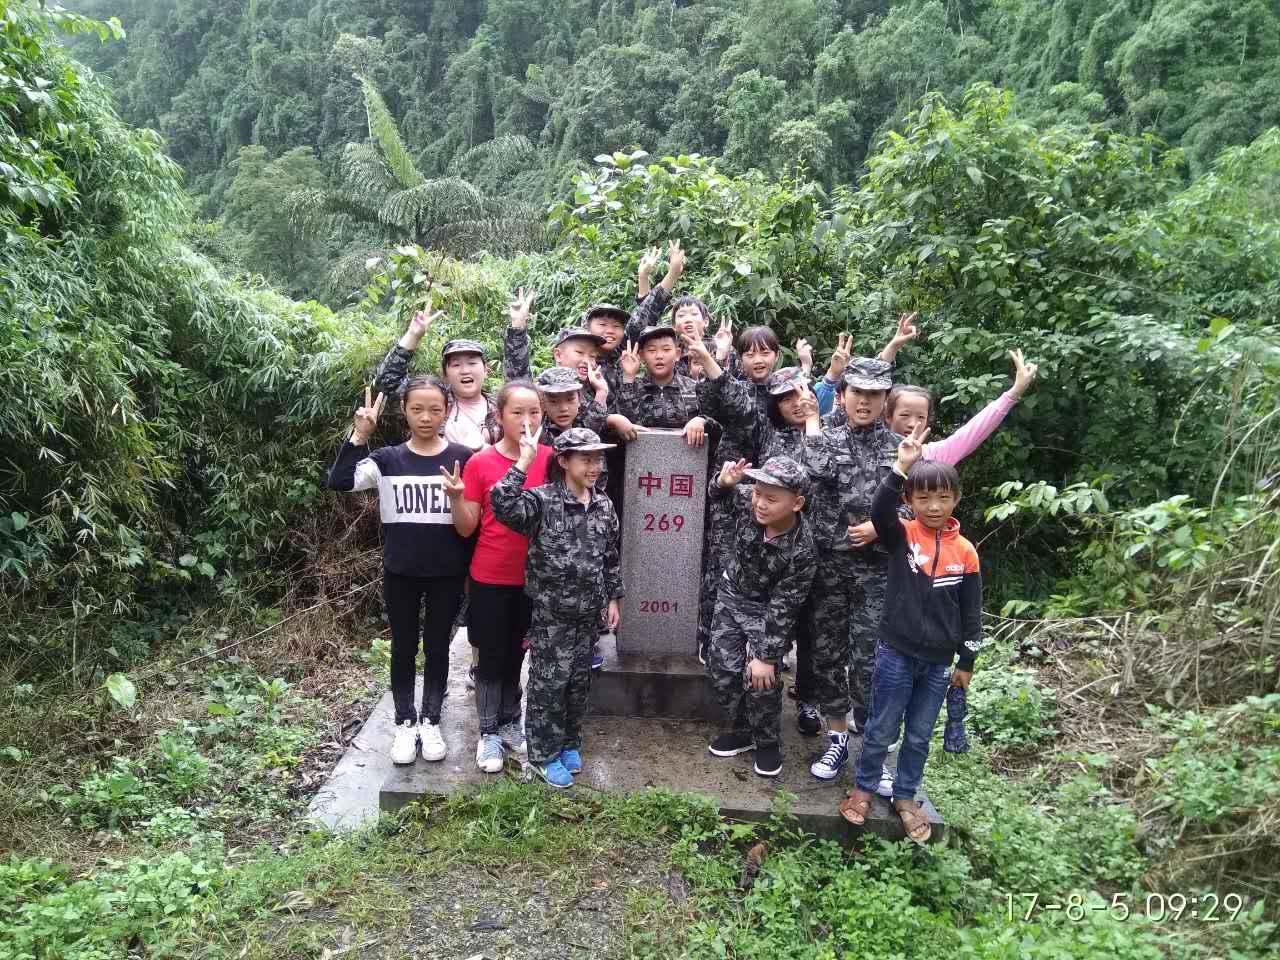 高能少年团•中越边塞•麻栗坡普者黑+越南双高铁8日夏令营(8-15岁)